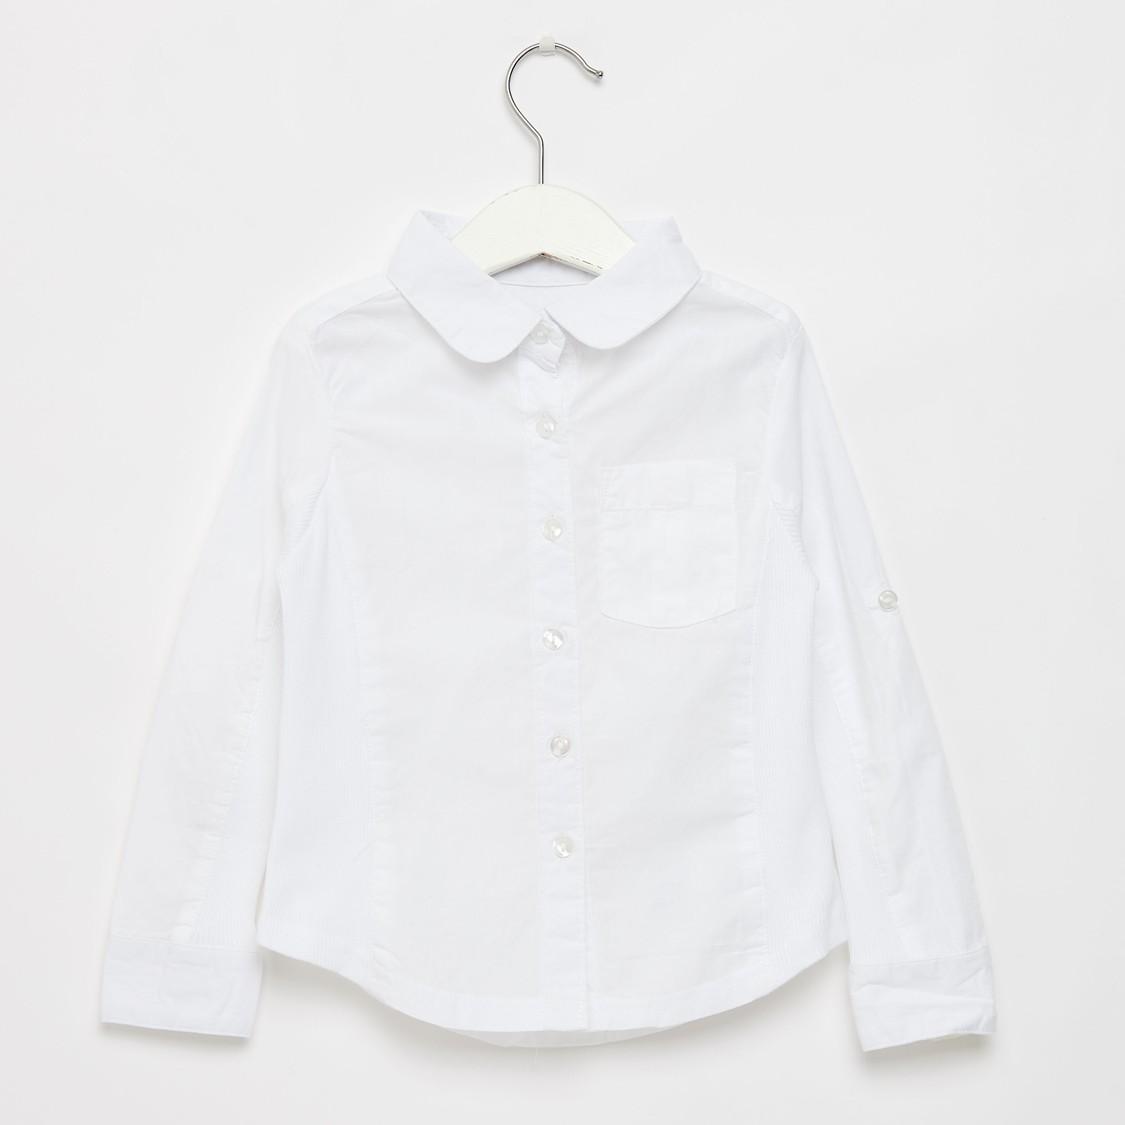 قميص سادة بياقة عادية وأكمام طويلة وتفاصيل لوح مضلّع جانبي